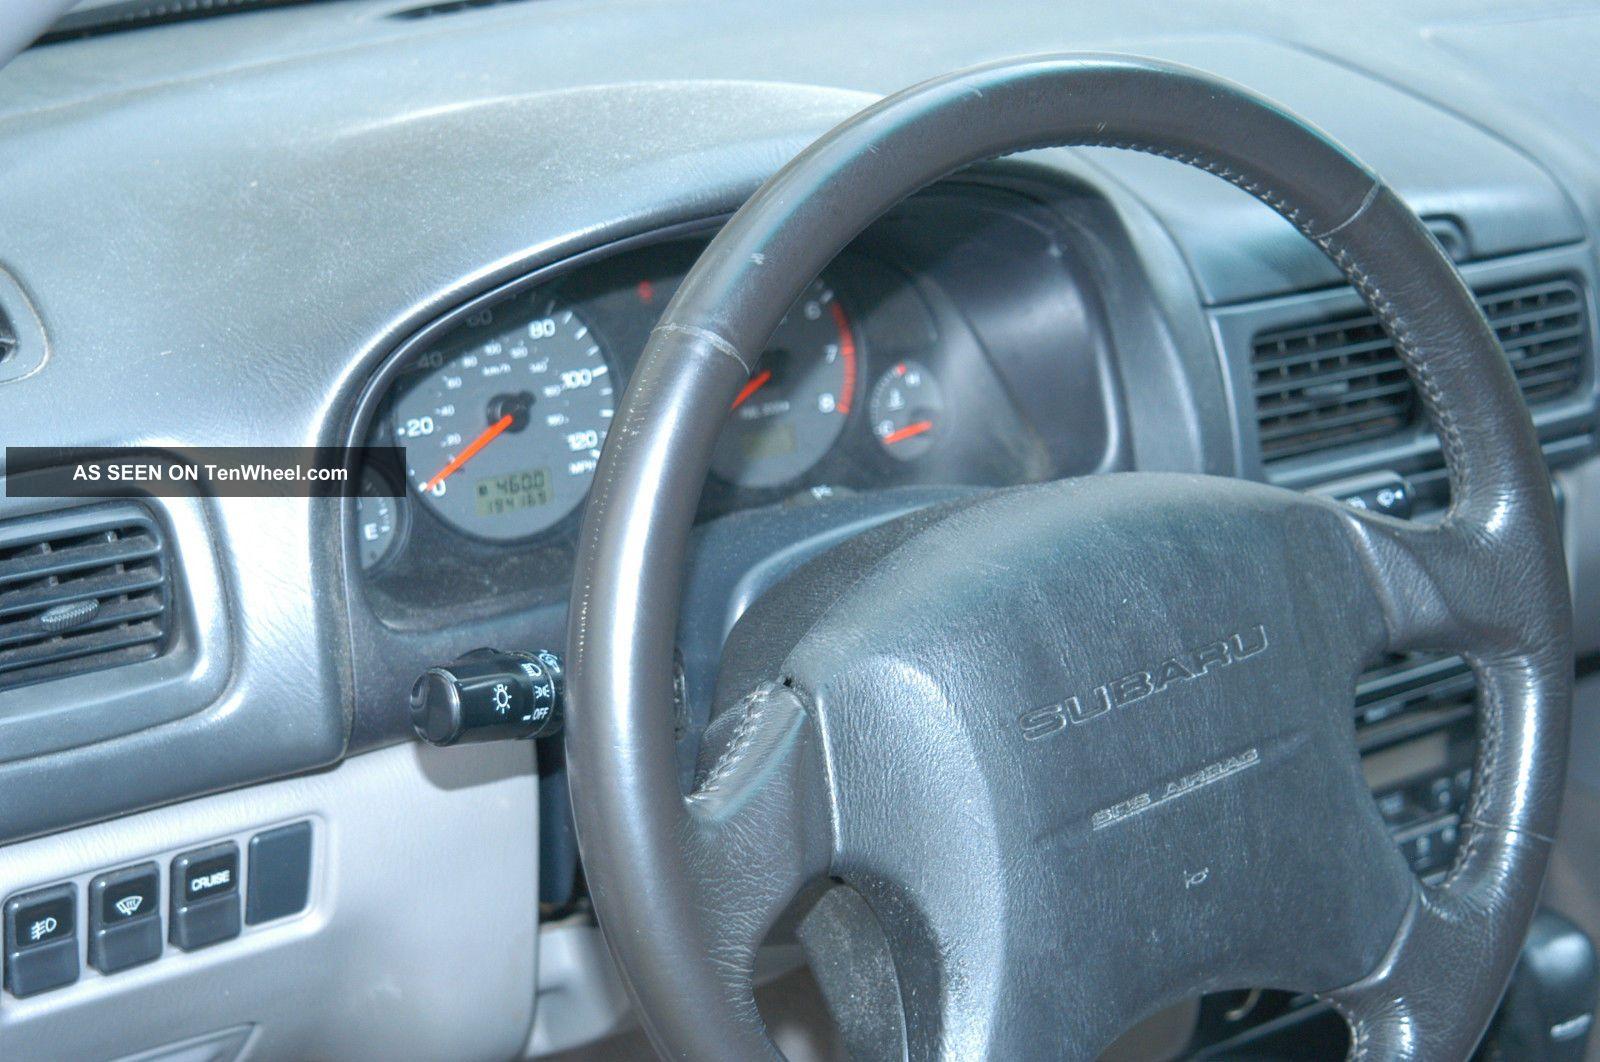 2013 ford focus transmission autos post. Black Bedroom Furniture Sets. Home Design Ideas